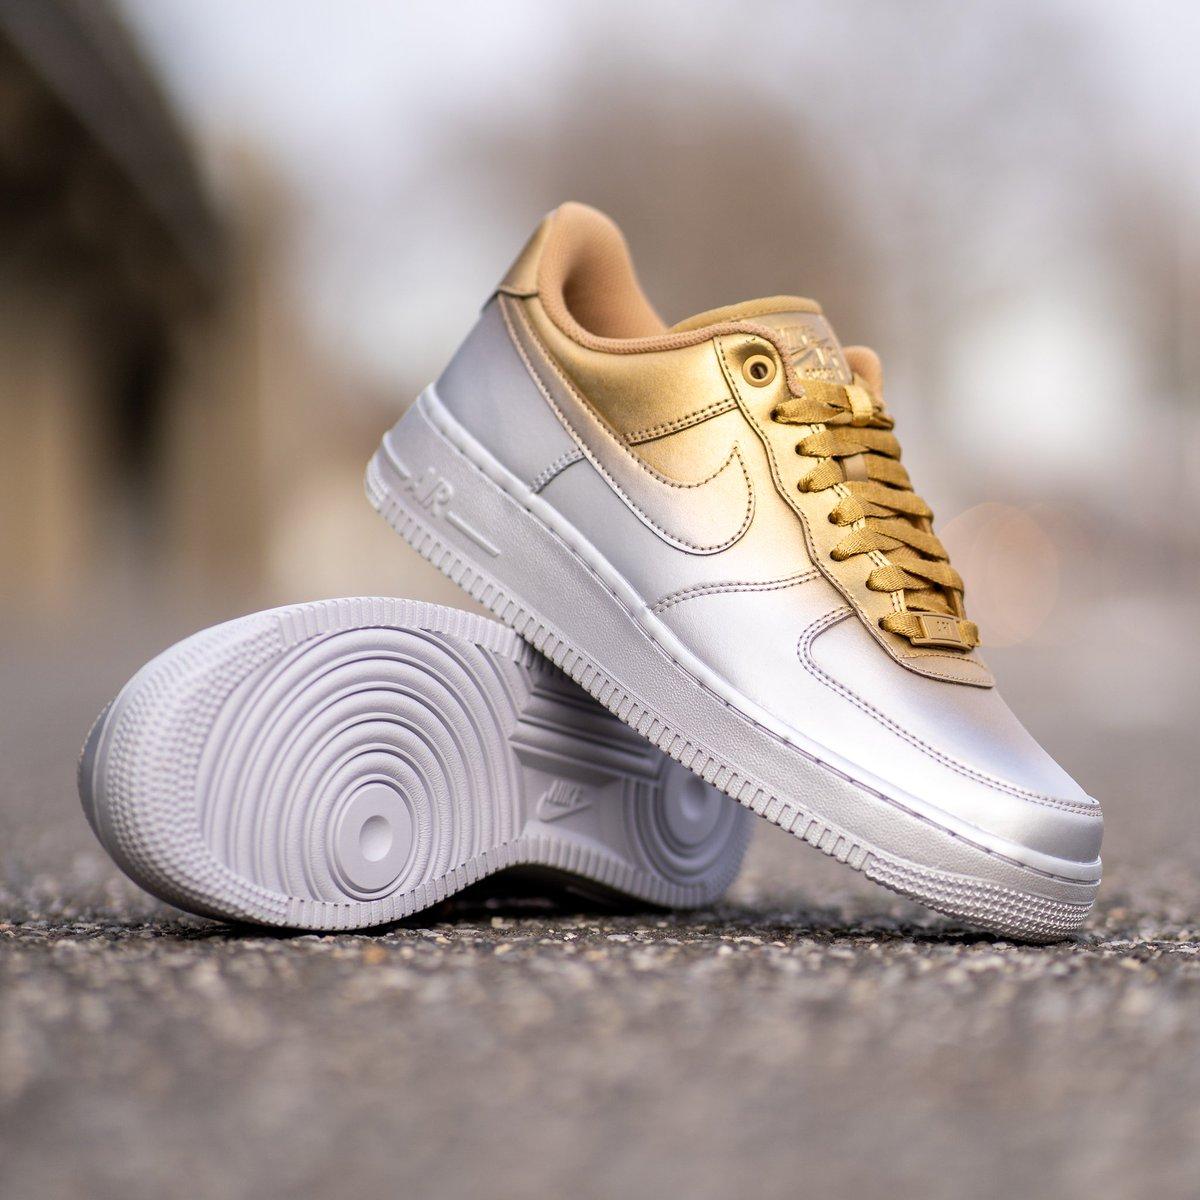 c453851865ed GB S Sneaker Shop on Twitter